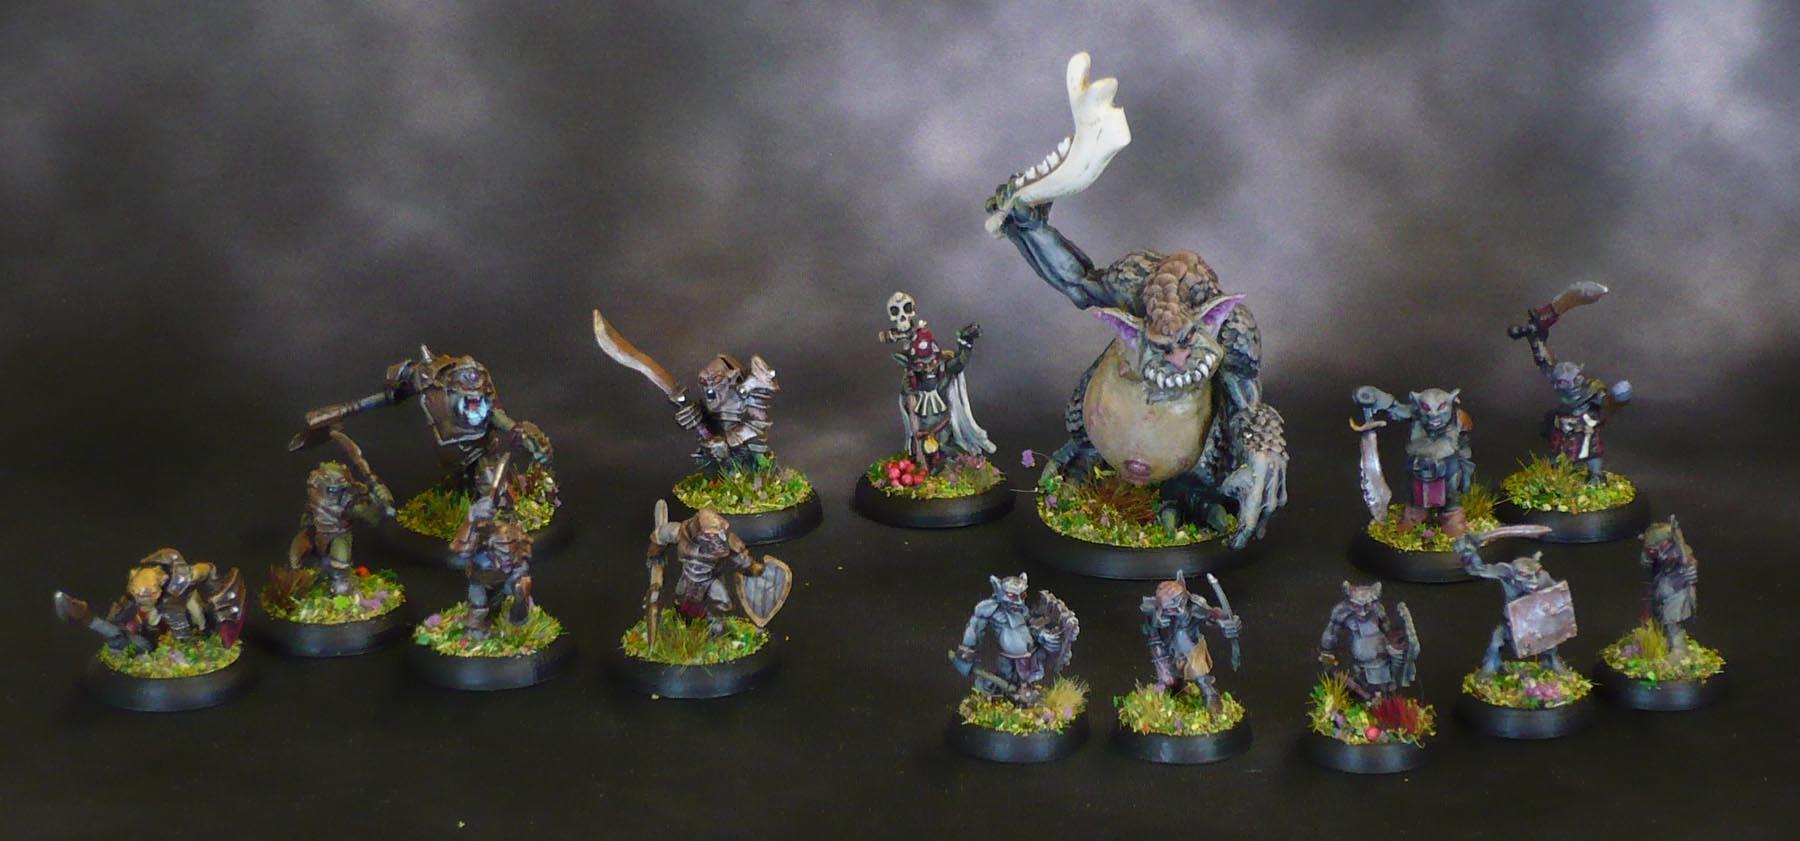 goblins-troll-header.jpg